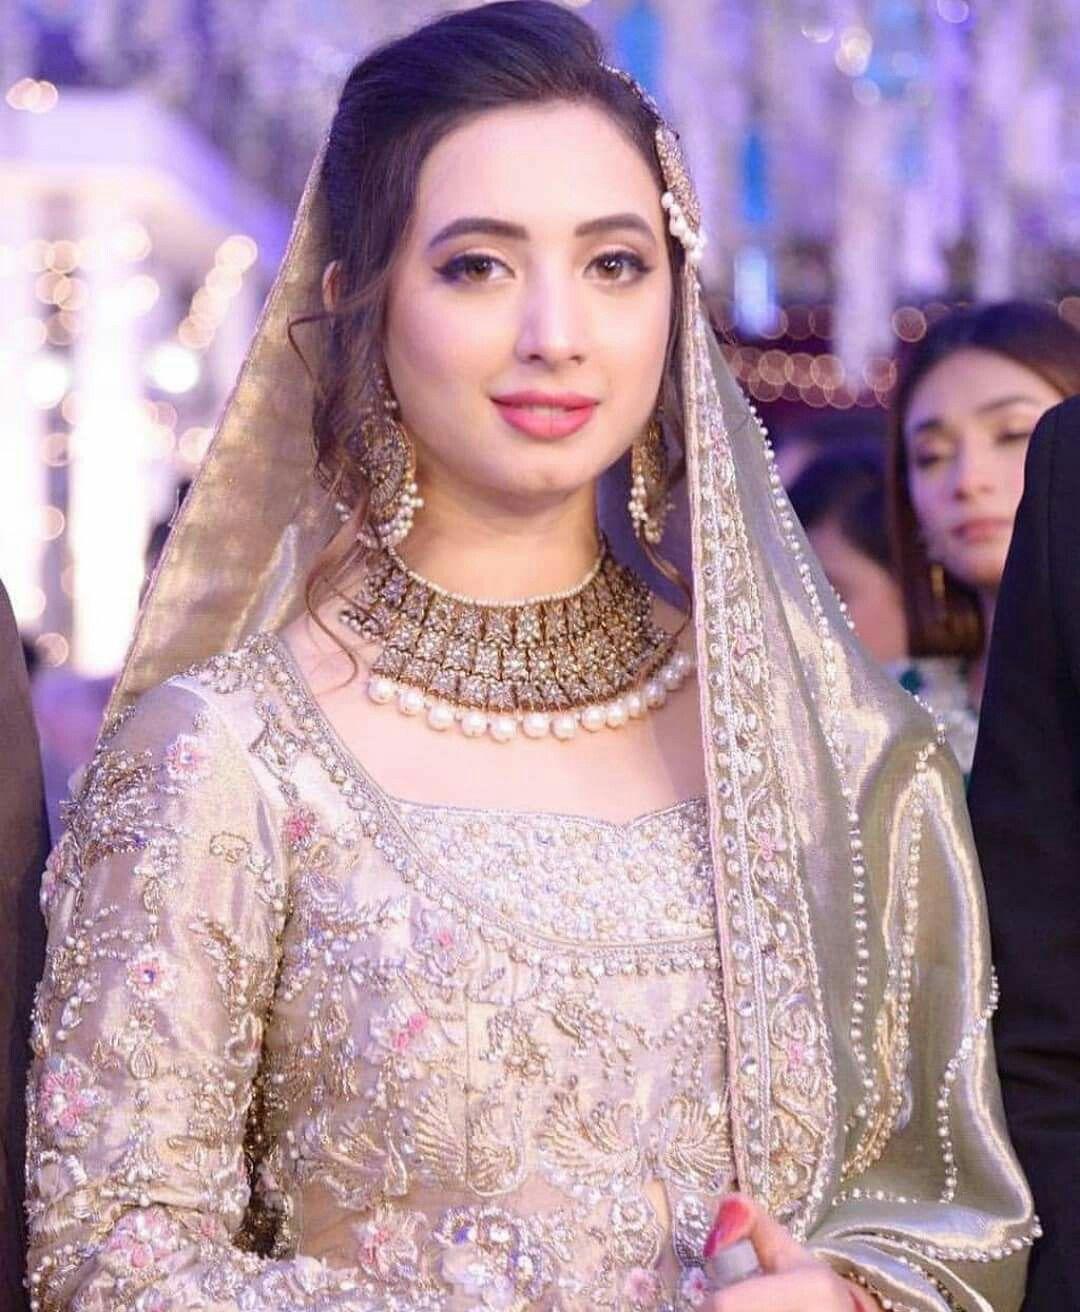 Hairstyle Girl Jora: Pin By Pakistani On Pakistani Actors